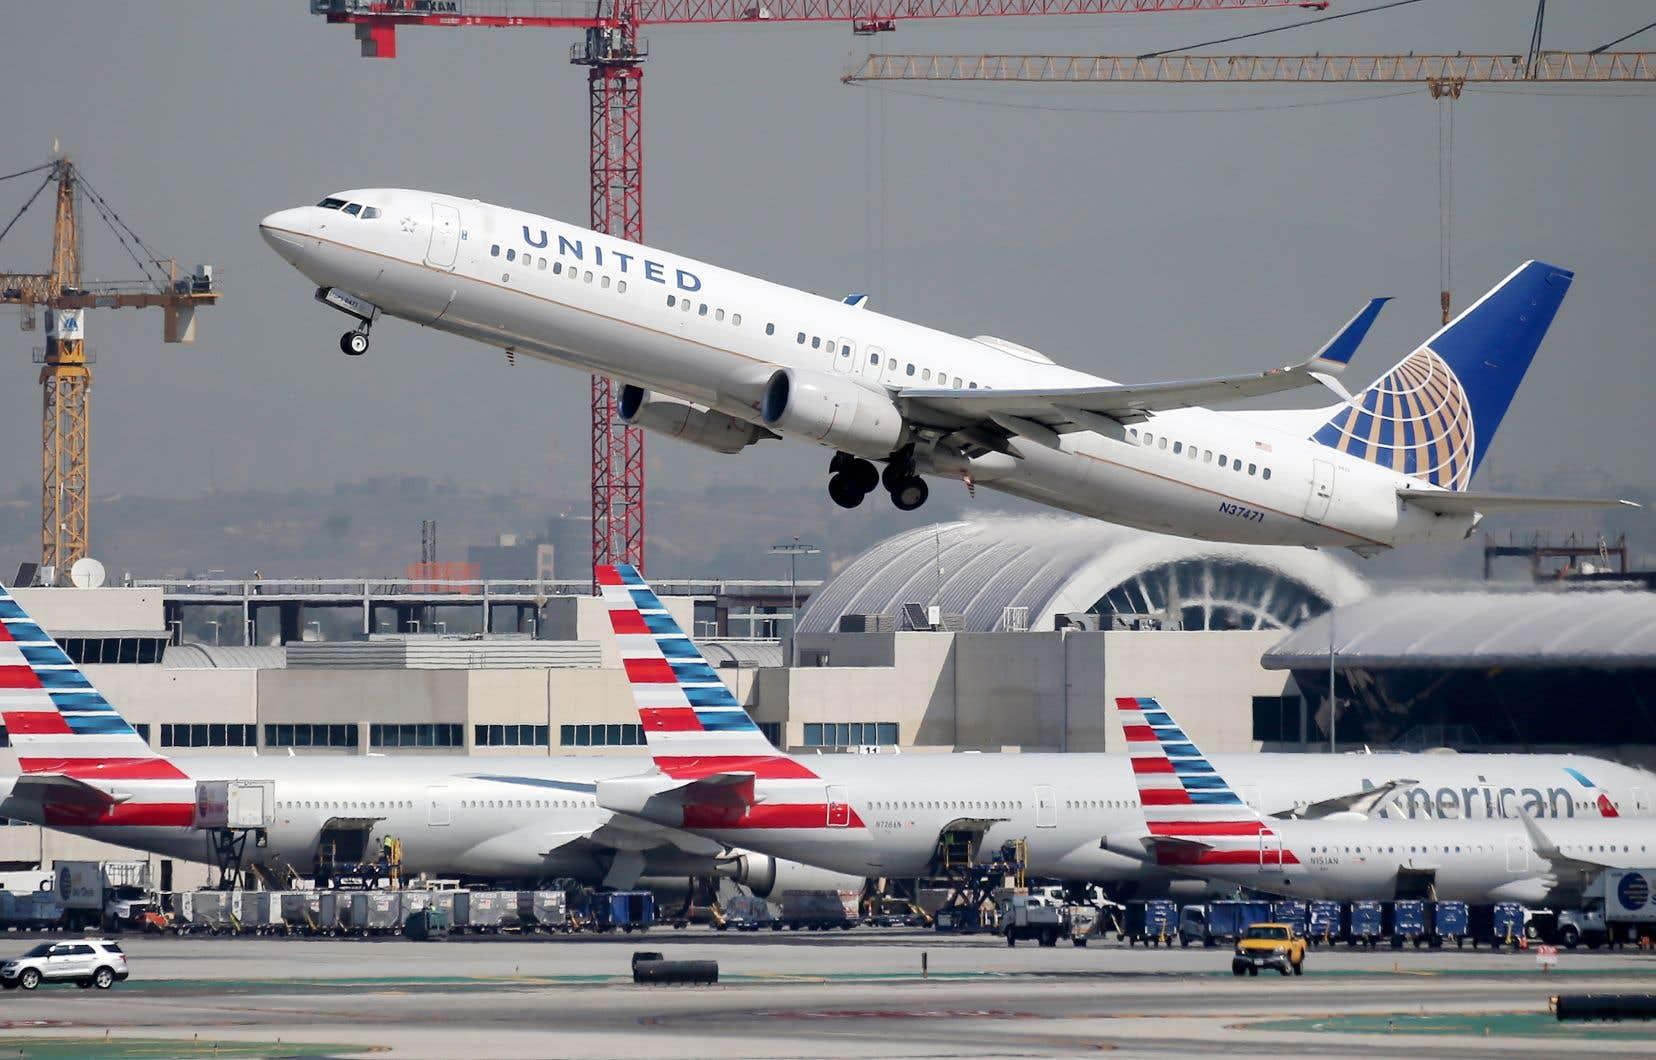 Les compagnies aériennes américaines United Airlines et American Airlines ont confirmé mardi qu'elles allaient rappeler leurs employés mis à pied durant la pandémie après le vote par le Congrès d'un nouveau plan de soutien.